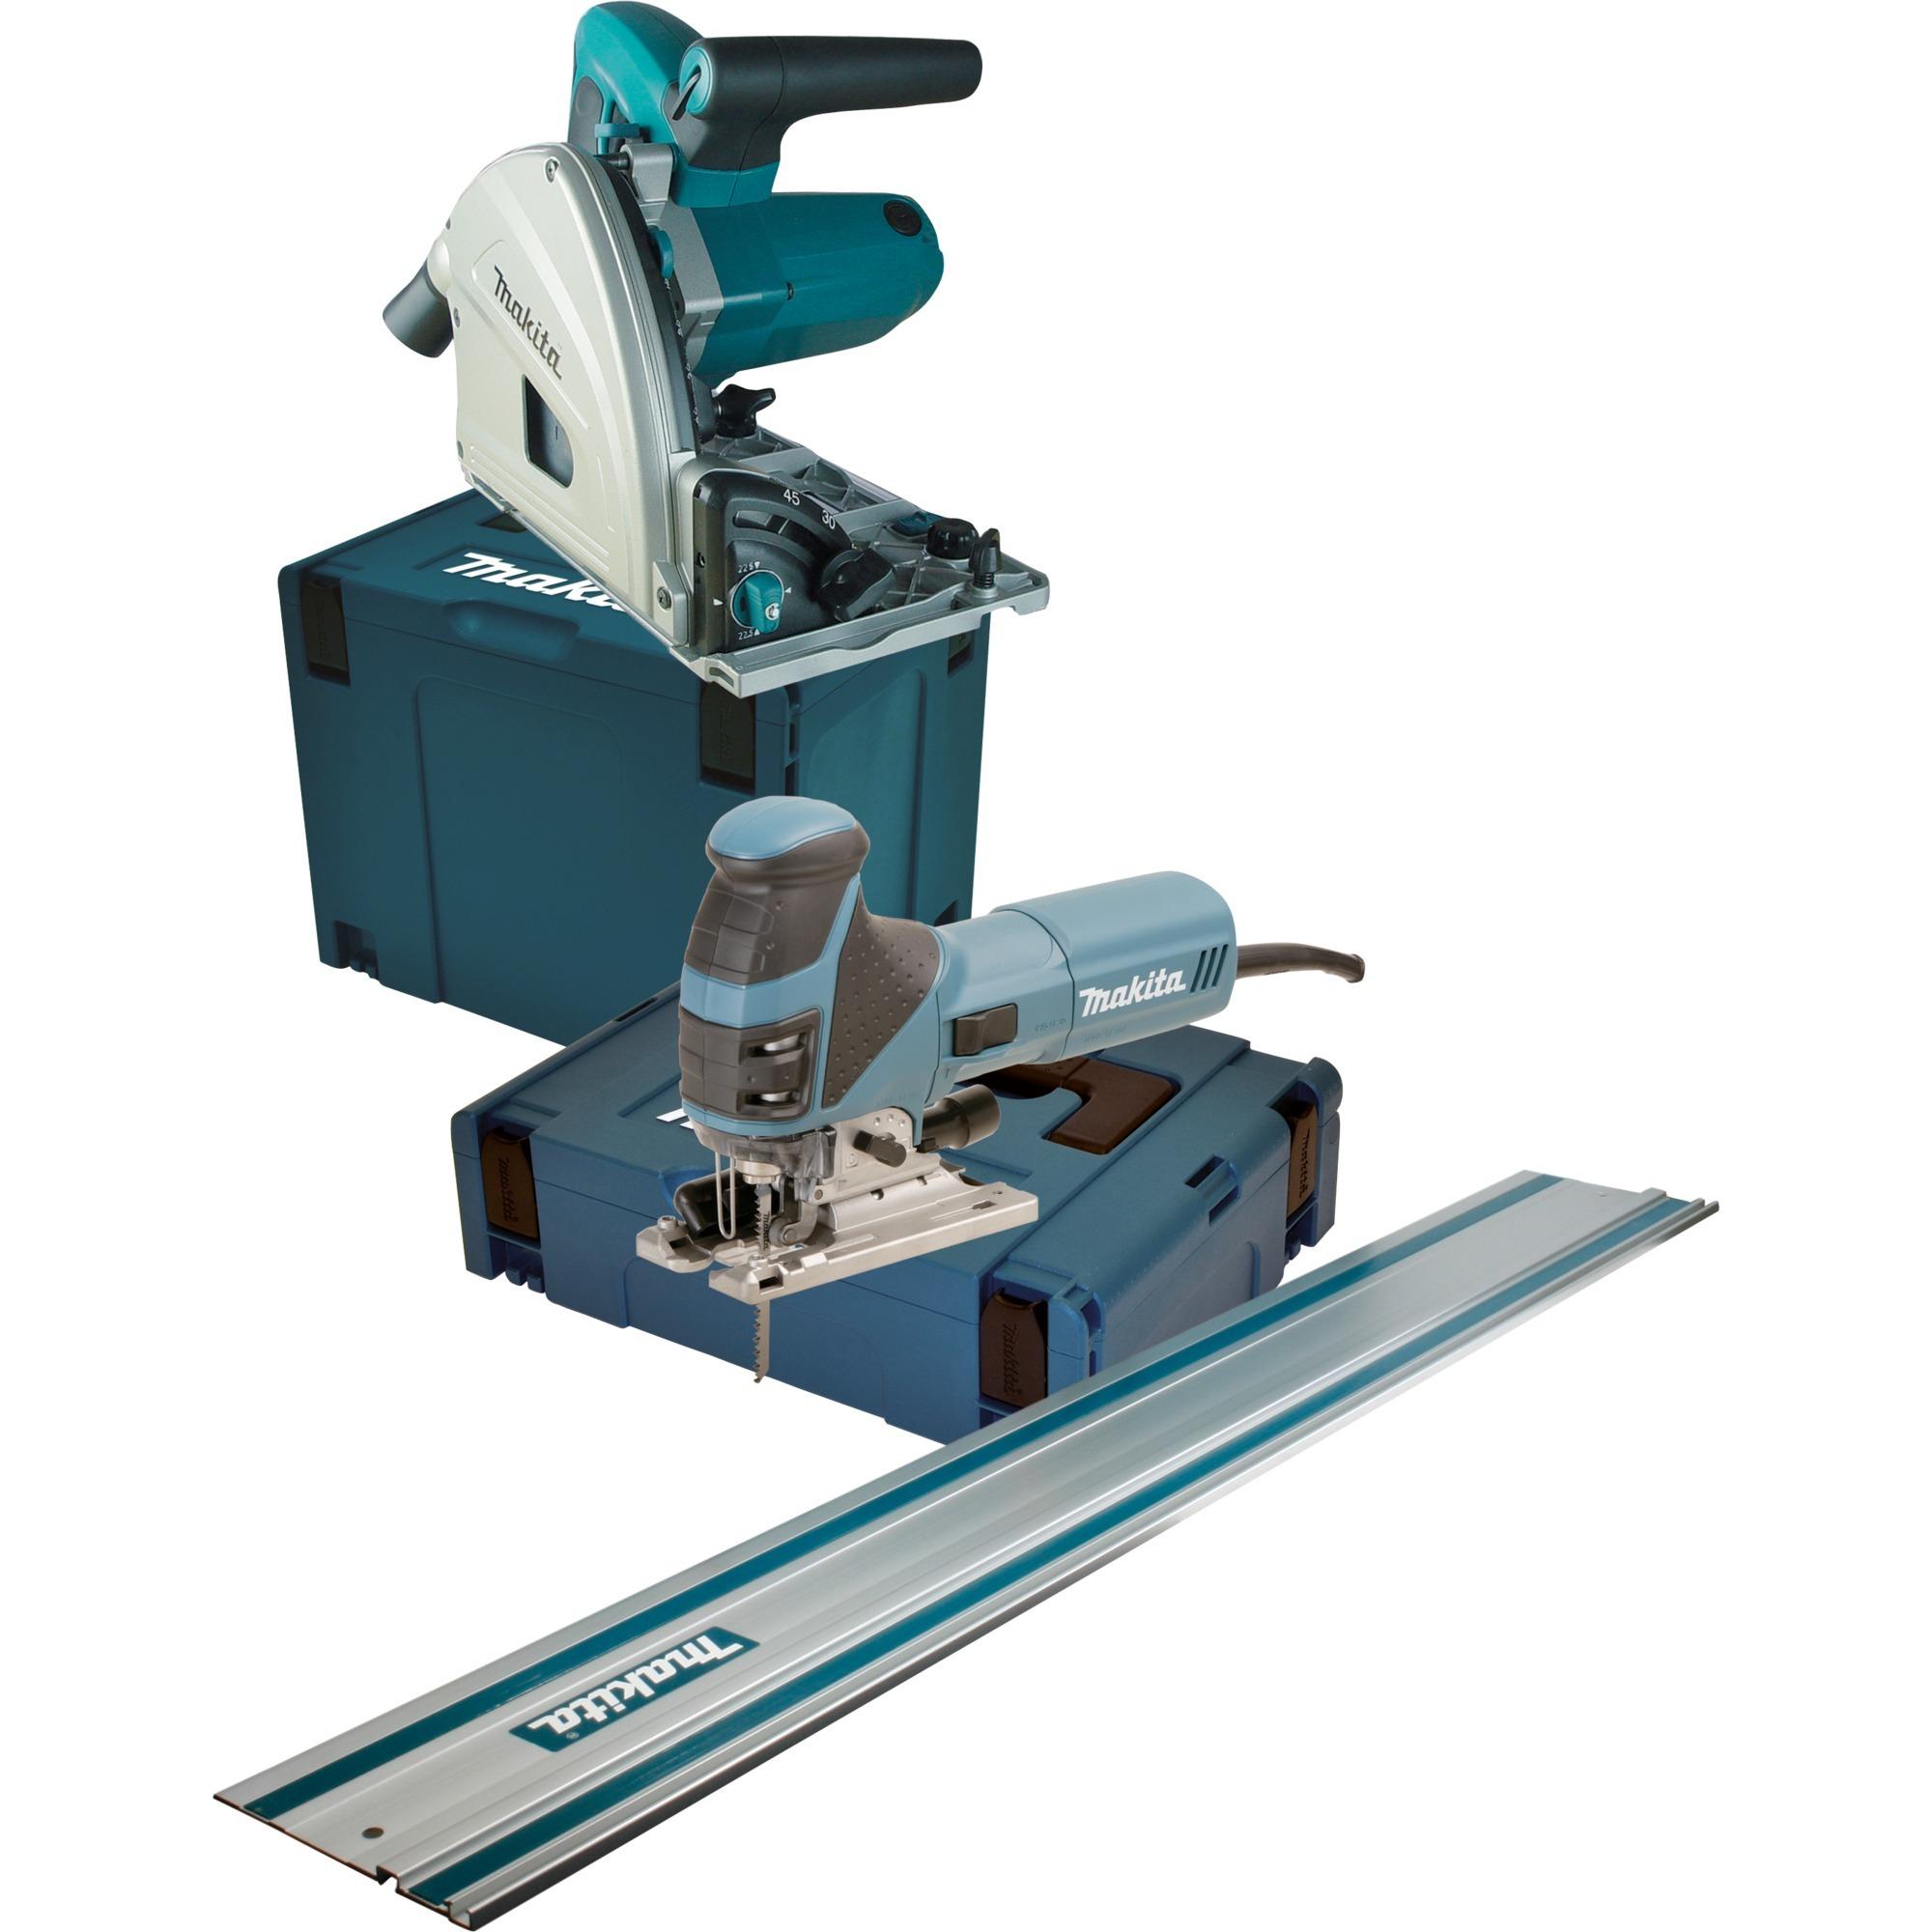 MEU029J kit de herramientas eléctricas, Sierras